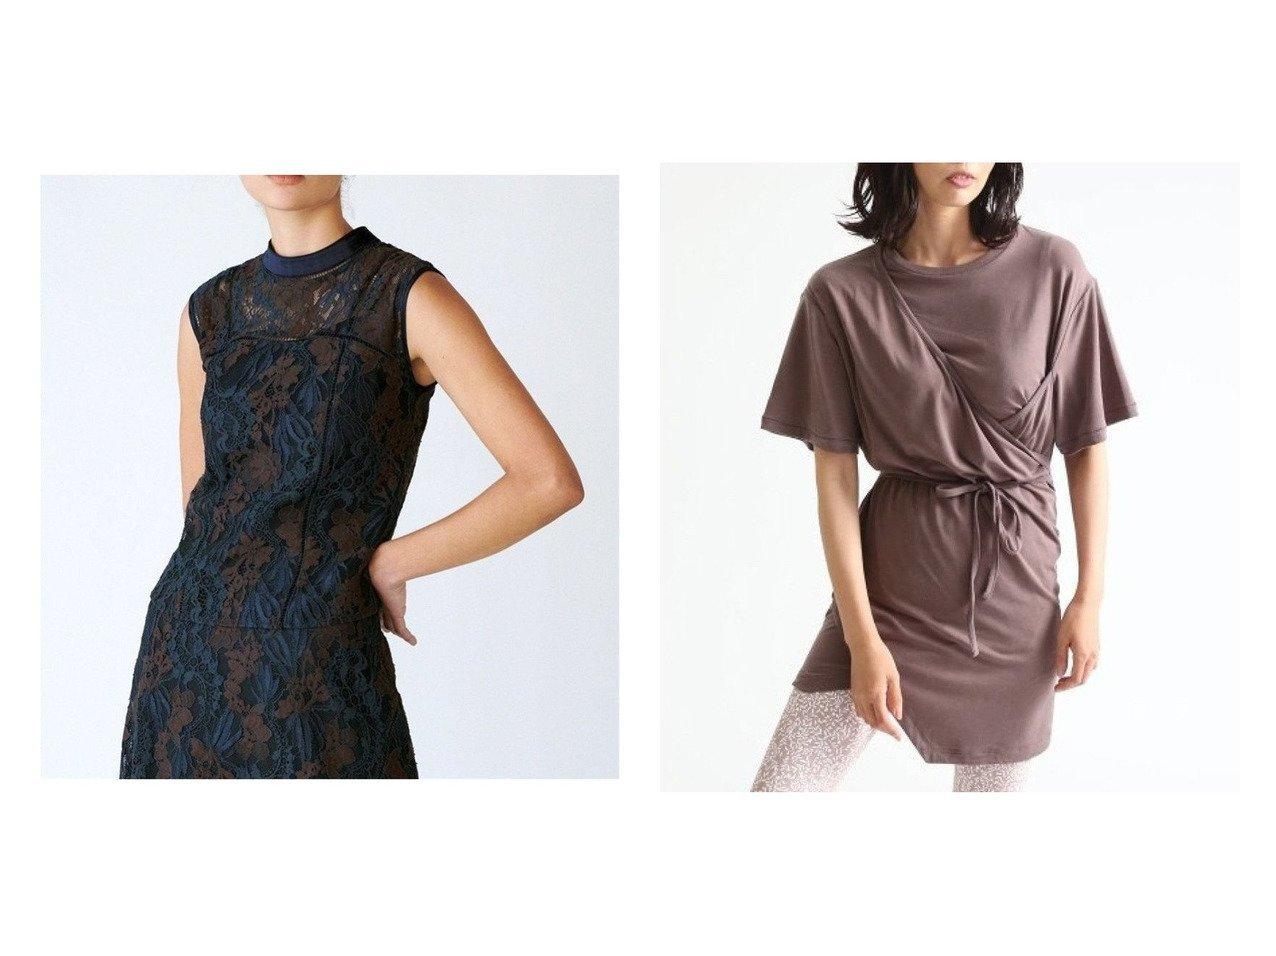 【FRAY I.D/フレイ アイディー】のレースノースリブラウス&FRAY I.Dxemmi Tシャツ トップス・カットソーのおすすめ!人気、トレンド・レディースファッションの通販  おすすめで人気の流行・トレンド、ファッションの通販商品 メンズファッション・キッズファッション・インテリア・家具・レディースファッション・服の通販 founy(ファニー) https://founy.com/ ファッション Fashion レディースファッション WOMEN トップス Tops Tshirt キャミソール / ノースリーブ No Sleeves シャツ/ブラウス Shirts Blouses ロング / Tシャツ T-Shirts カットソー Cut and Sewn インナー キャミソール スタンド スリット セットアップ ノースリーブ パイピング レース 洗える カシュクール カットソー 吸水 パープル フロント ブラウジング ヨガ レギンス  ID:crp329100000010667